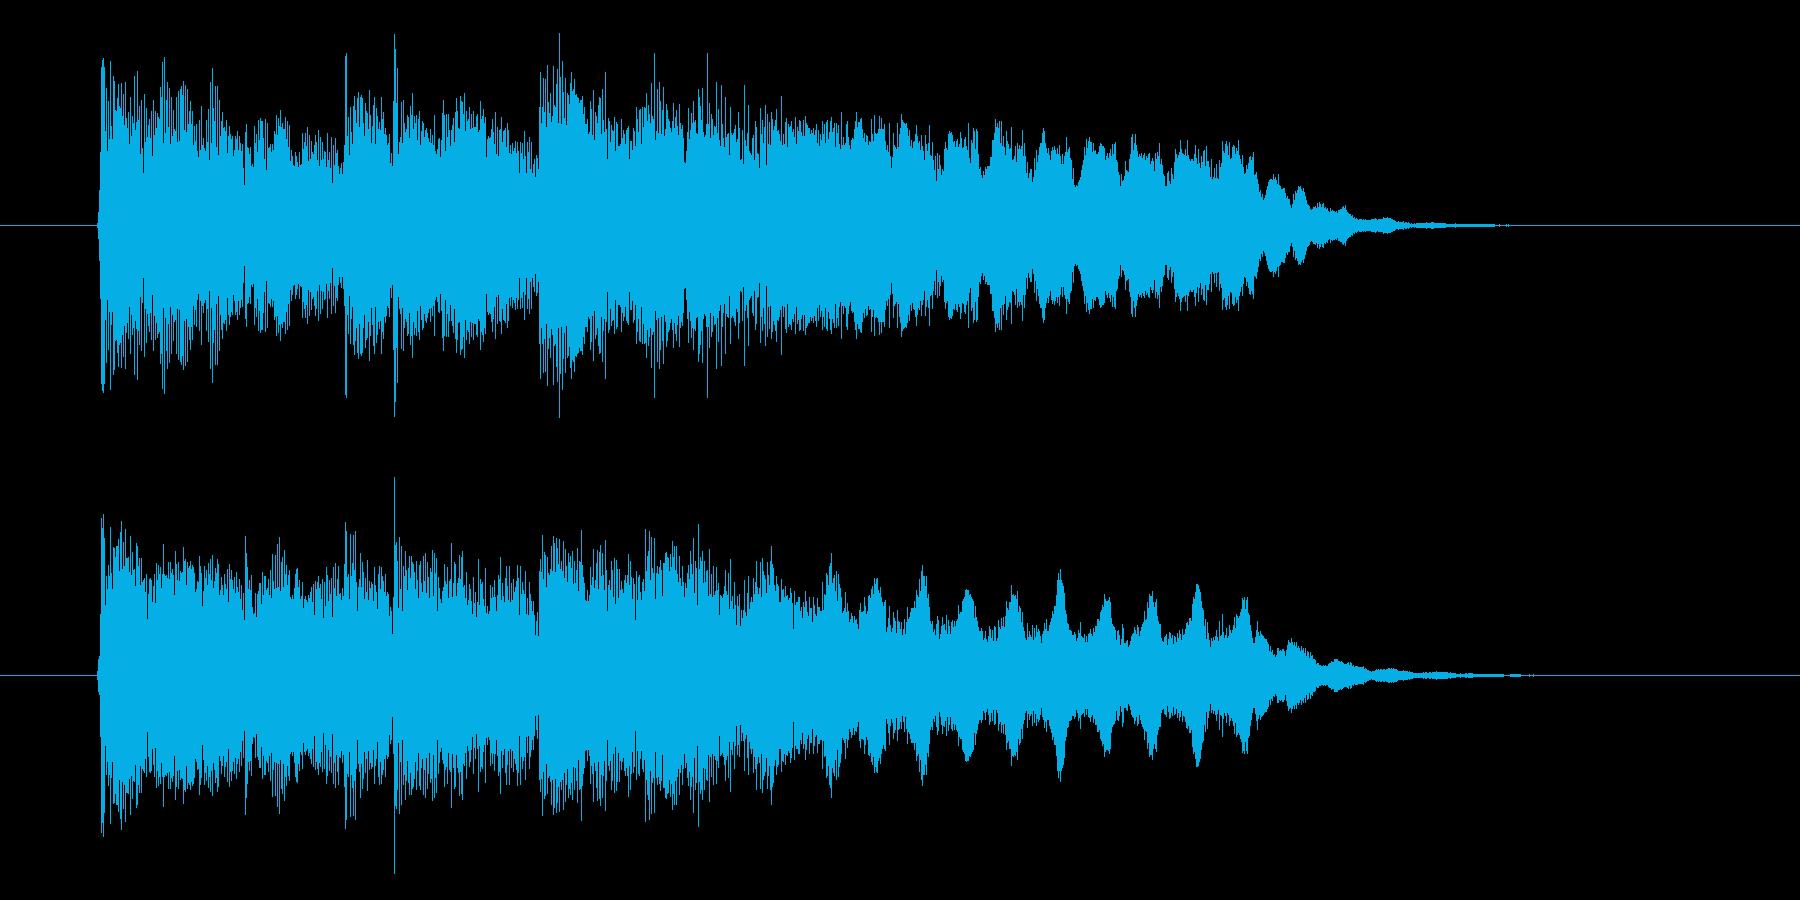 伸びやかなフルートが印象的なBGMの再生済みの波形